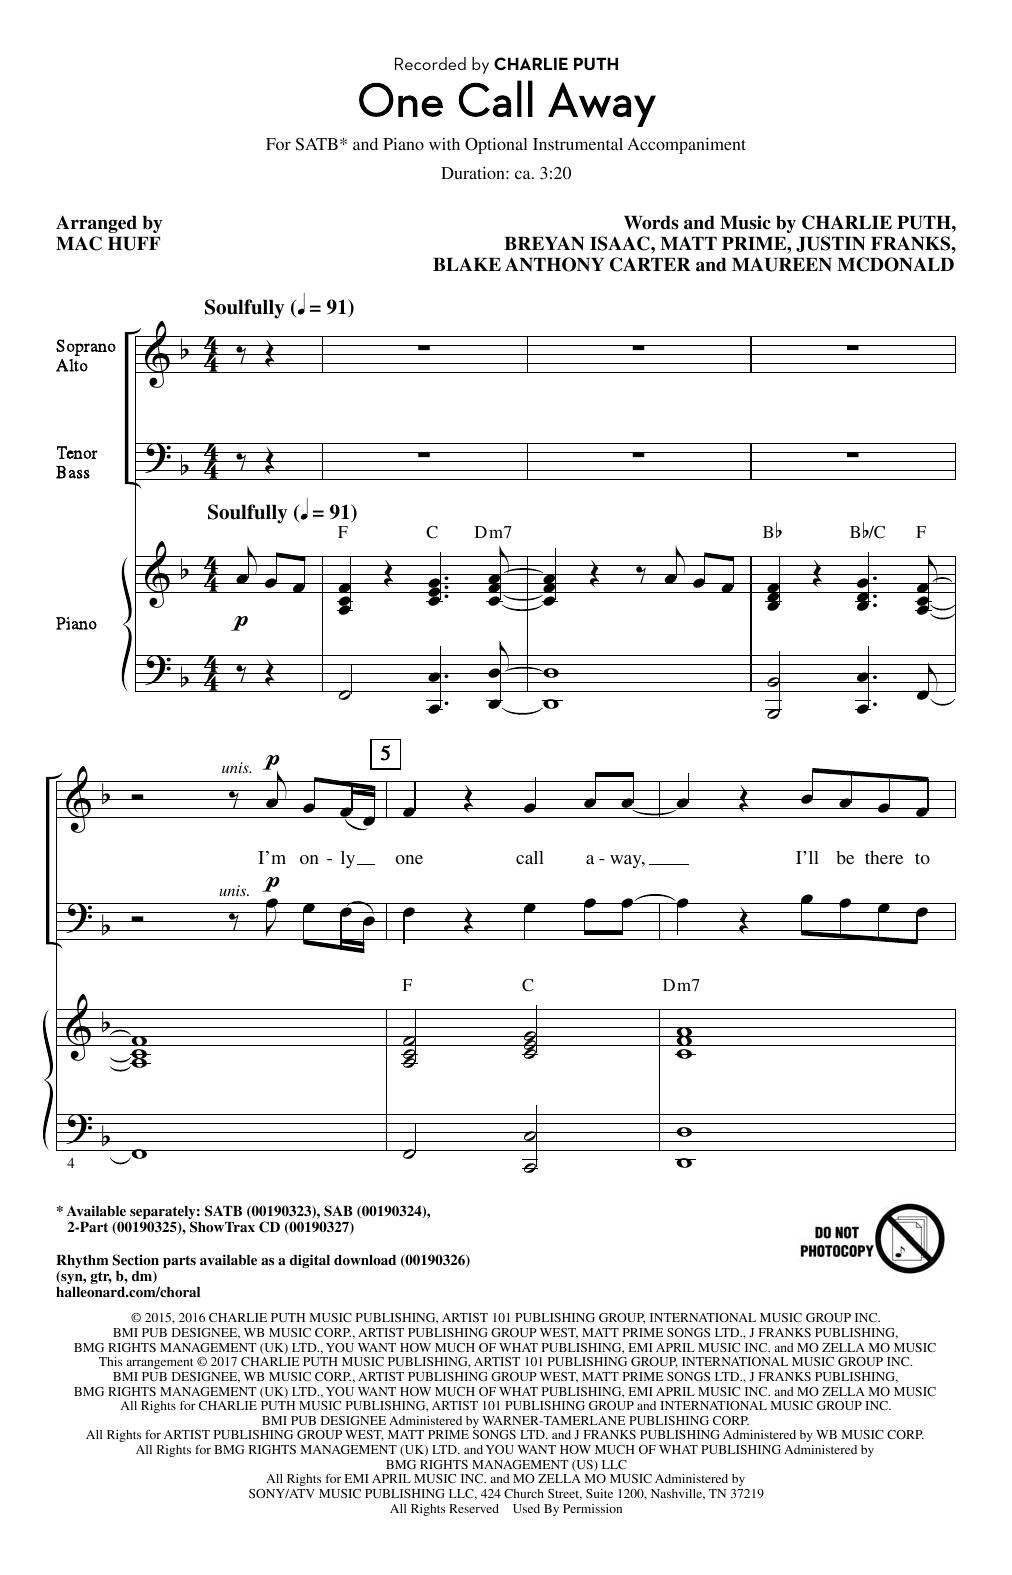 One Call Away Sheet Music   Mac Huff   SATB Choir